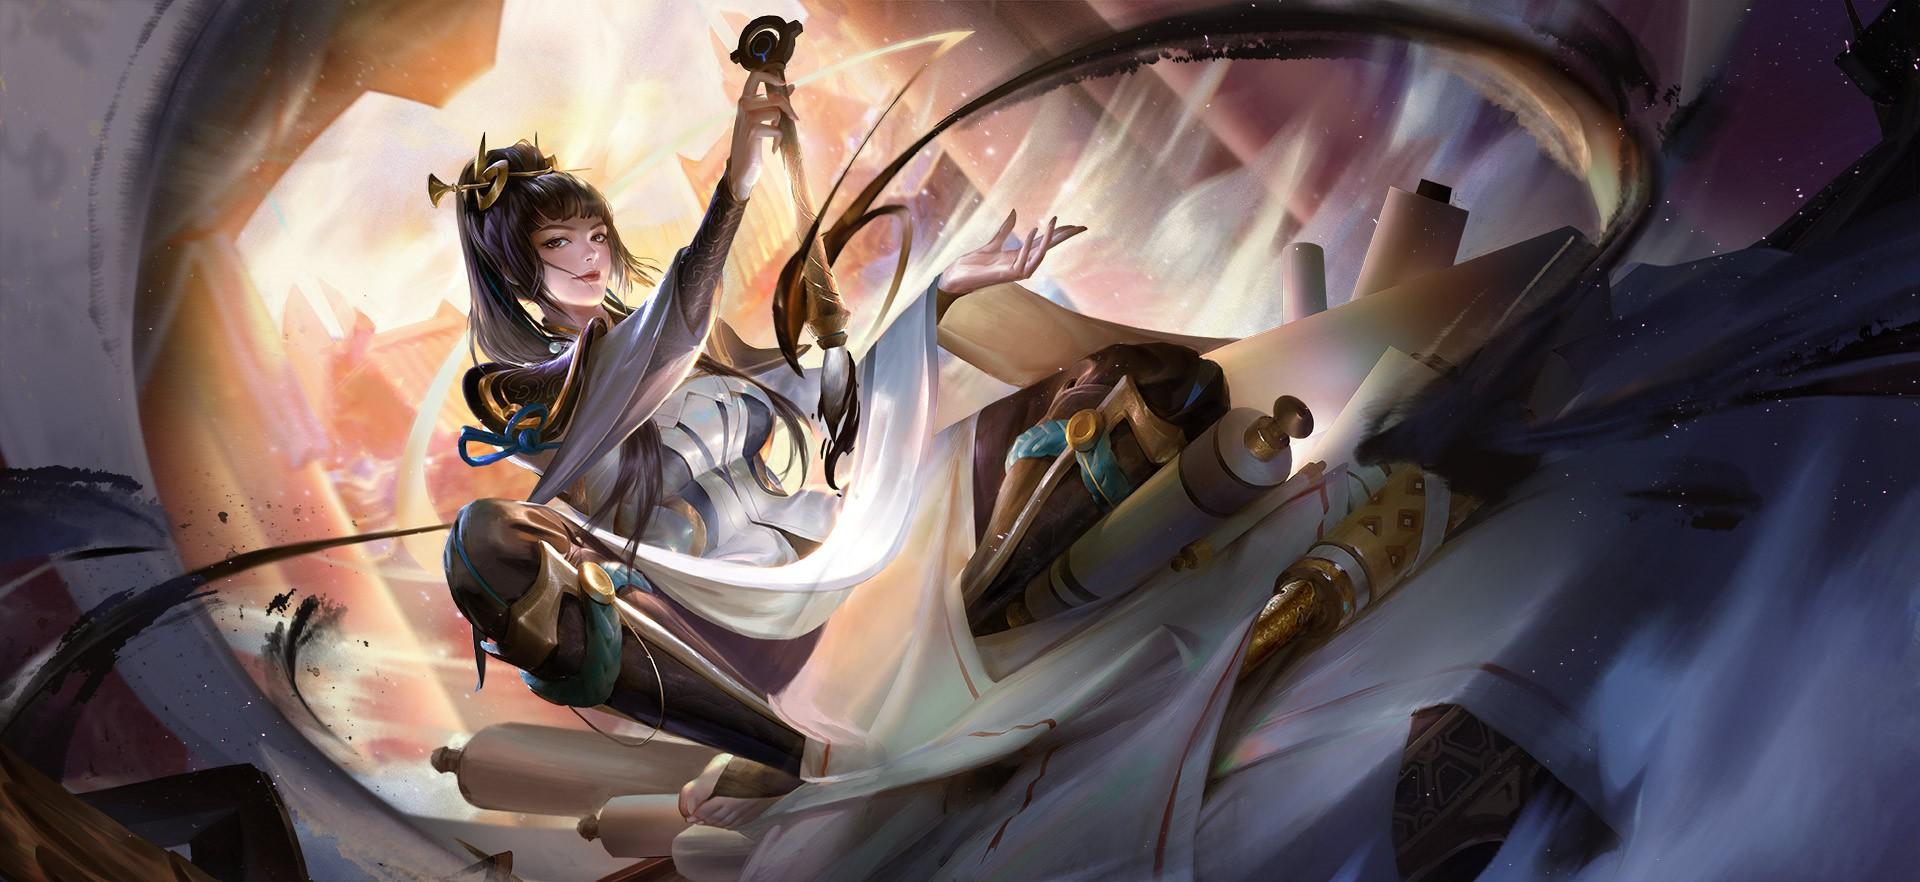 《王者荣耀》新英雄上官婉儿公布 怒放为妖艳的牡丹